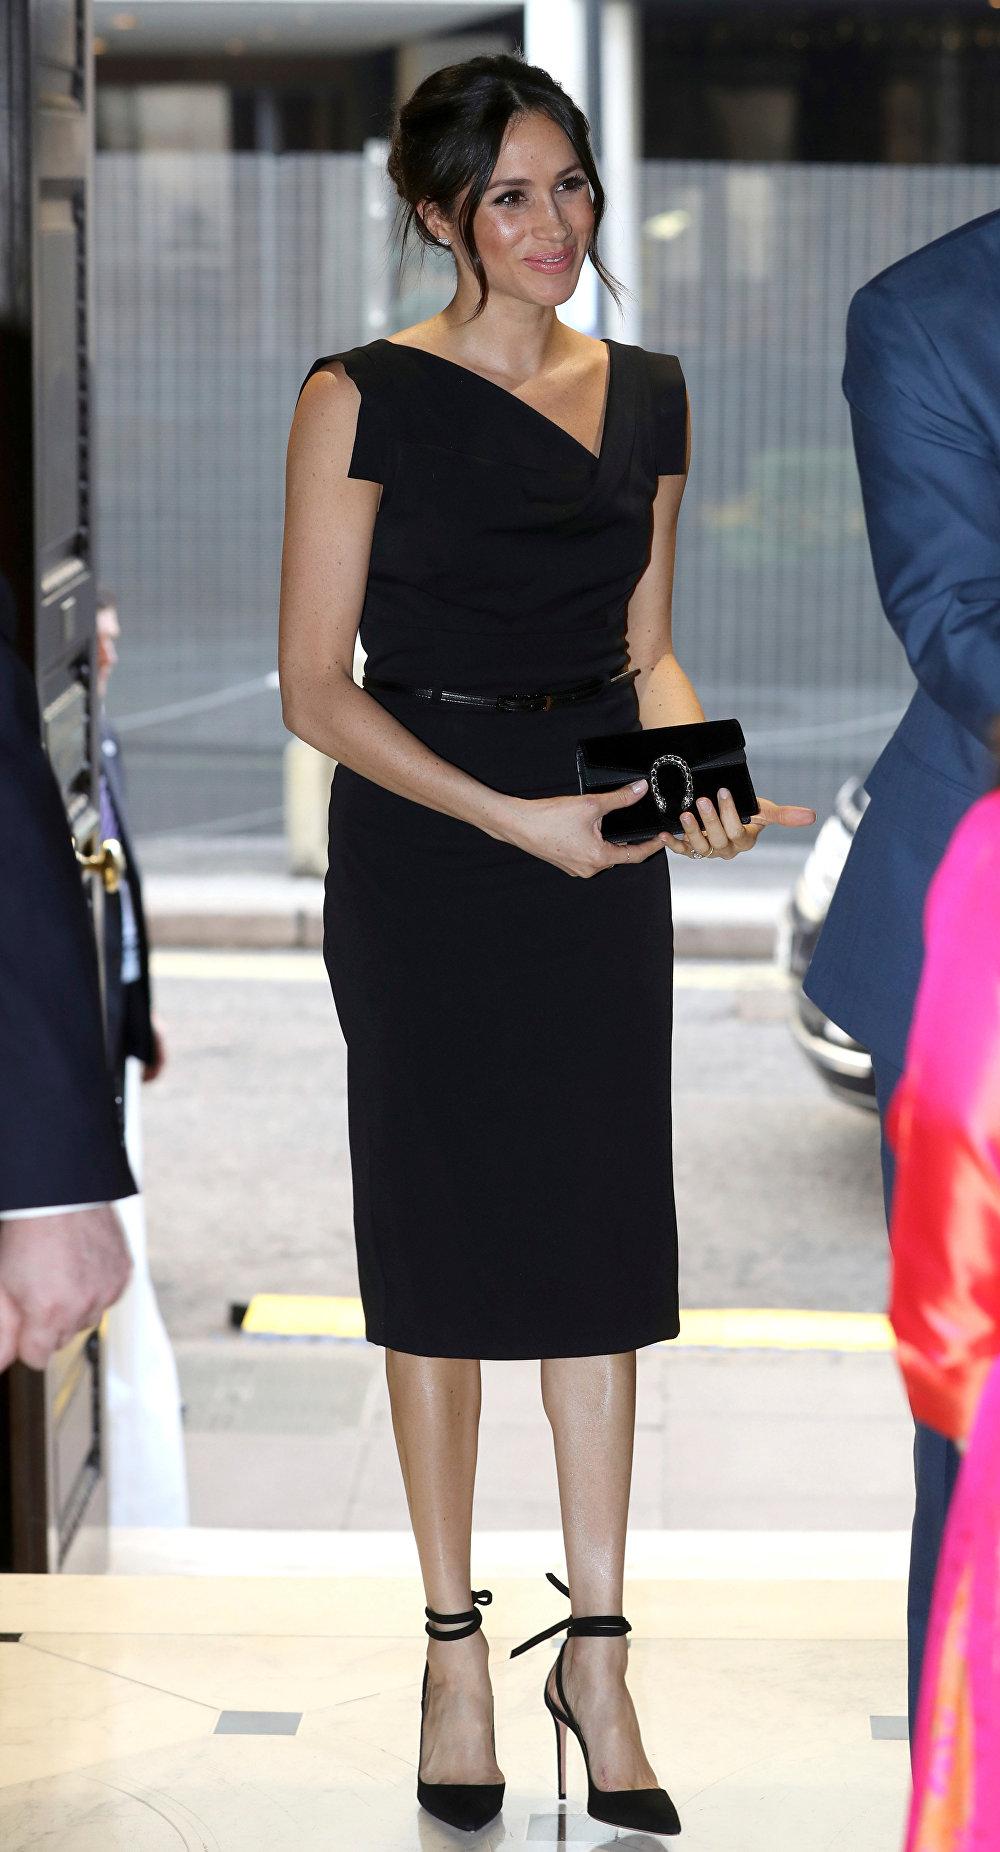 دوقة ساسيكس الأميرة ميغان ماركل